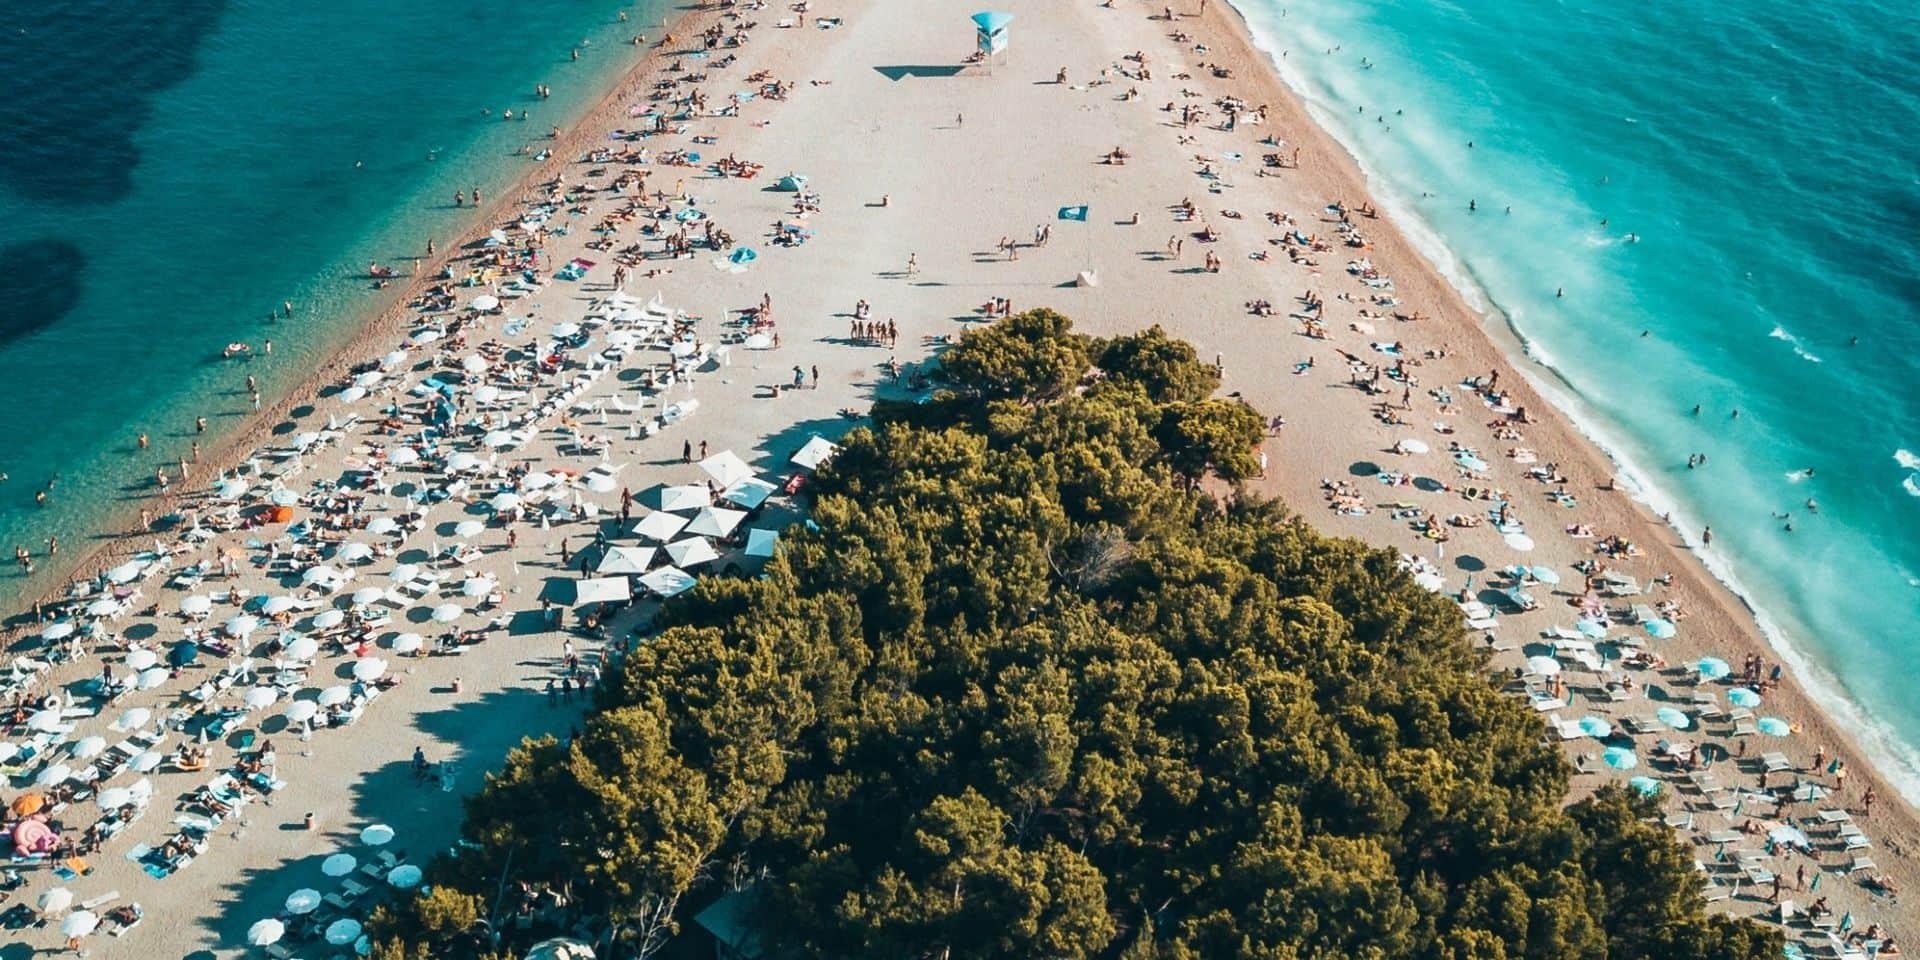 Coronavirus : le tourisme fait bondir le nombre de contaminations en Croatie